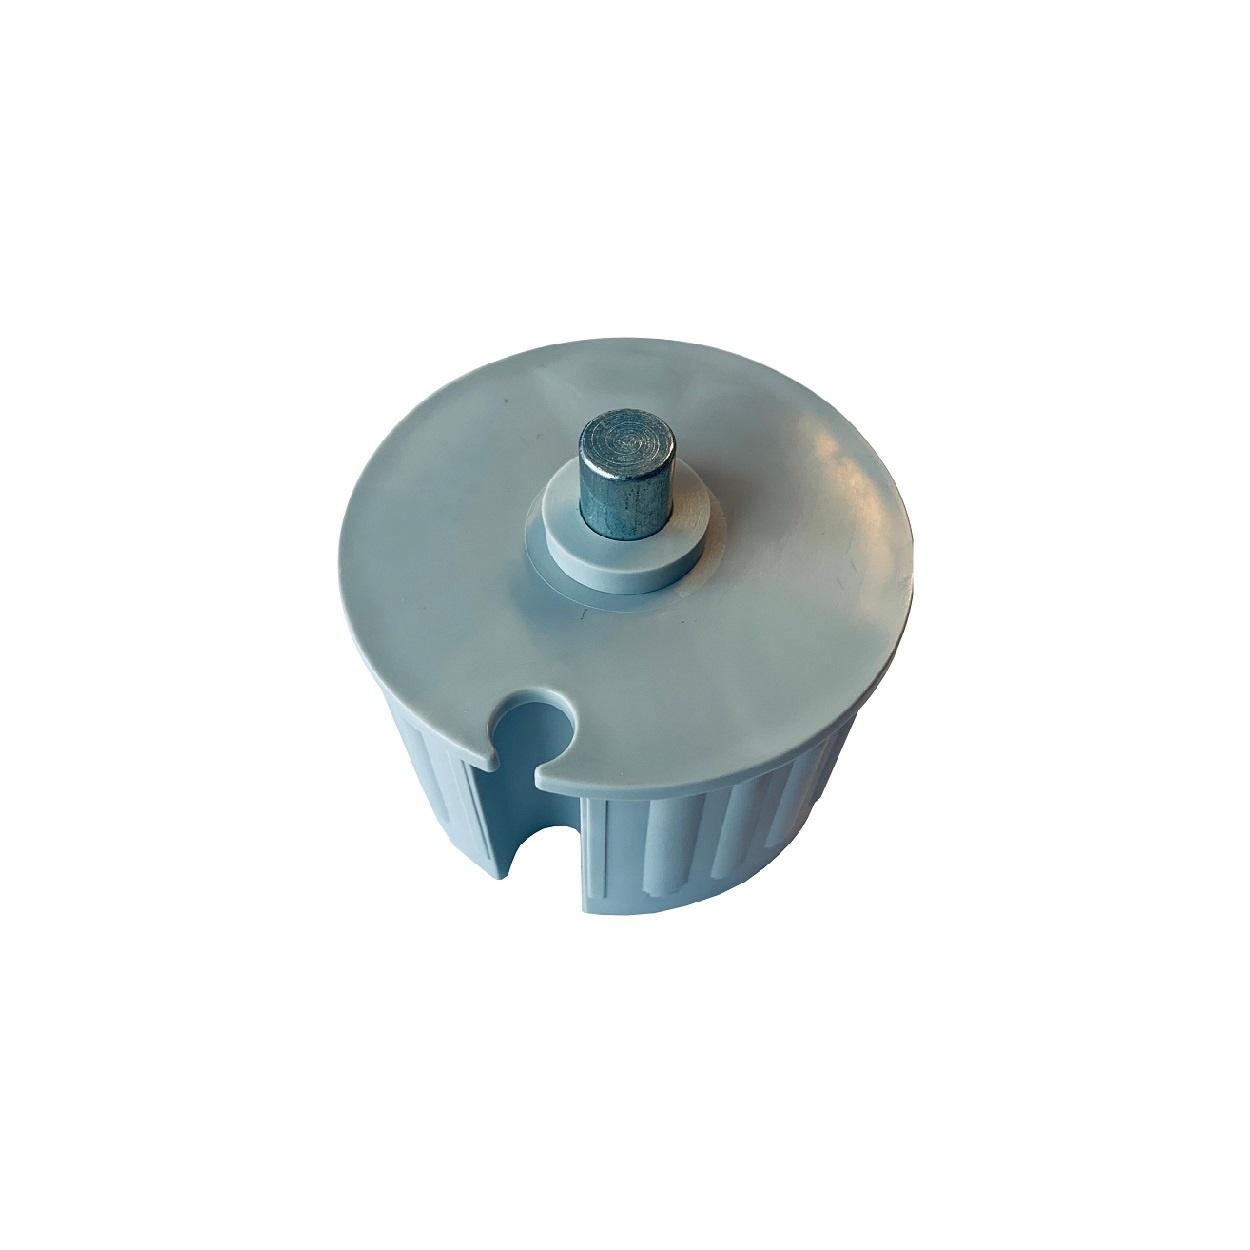 Kunststof asprop Ø 78 mm met ronde aspen